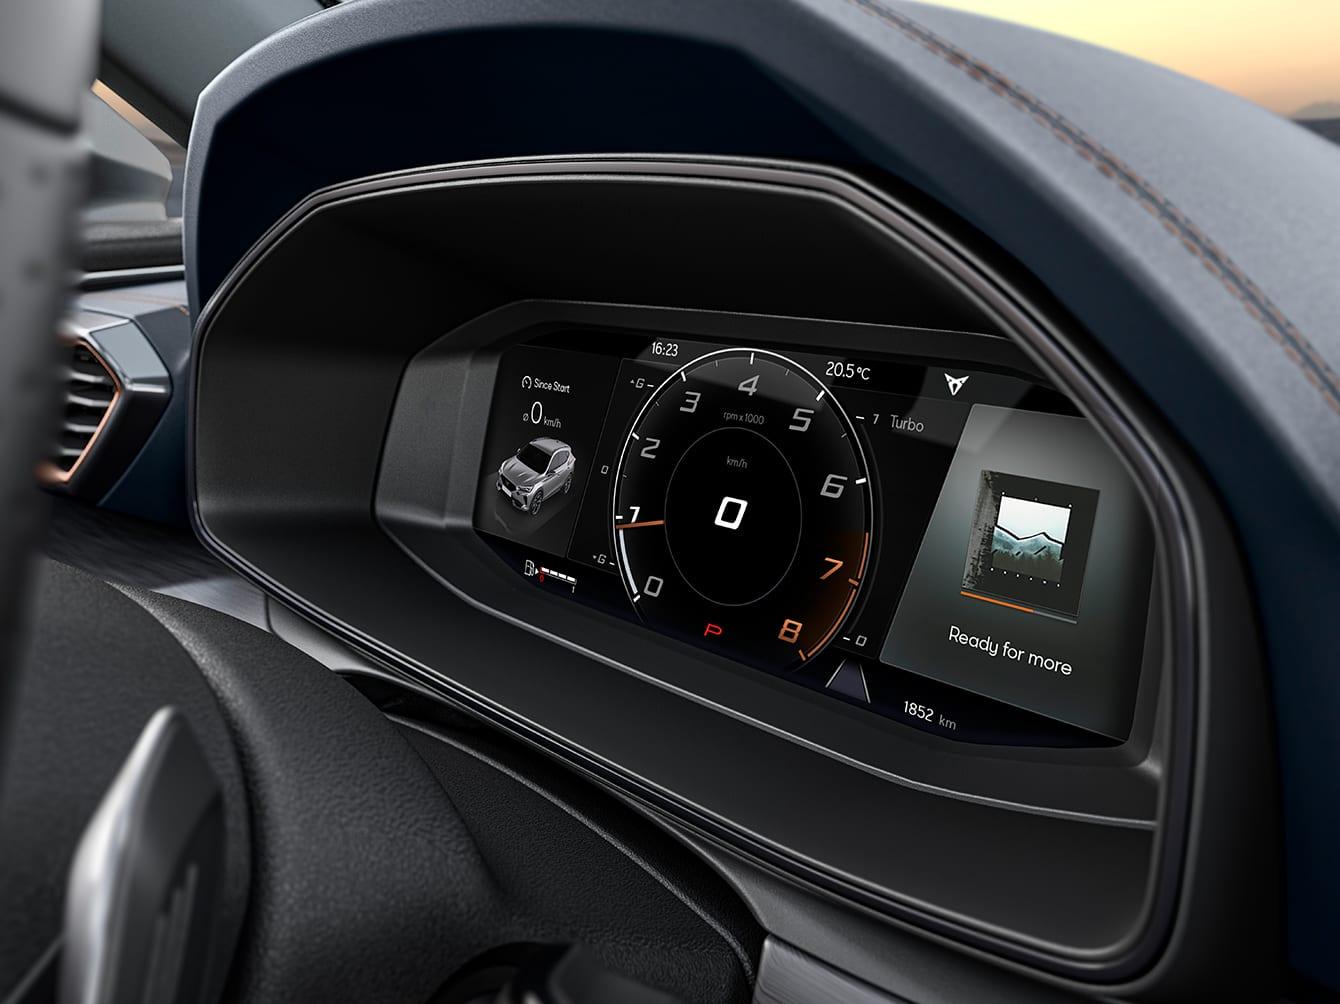 nouvelle cupra formentor avec digital cockpit 10.2 pouces